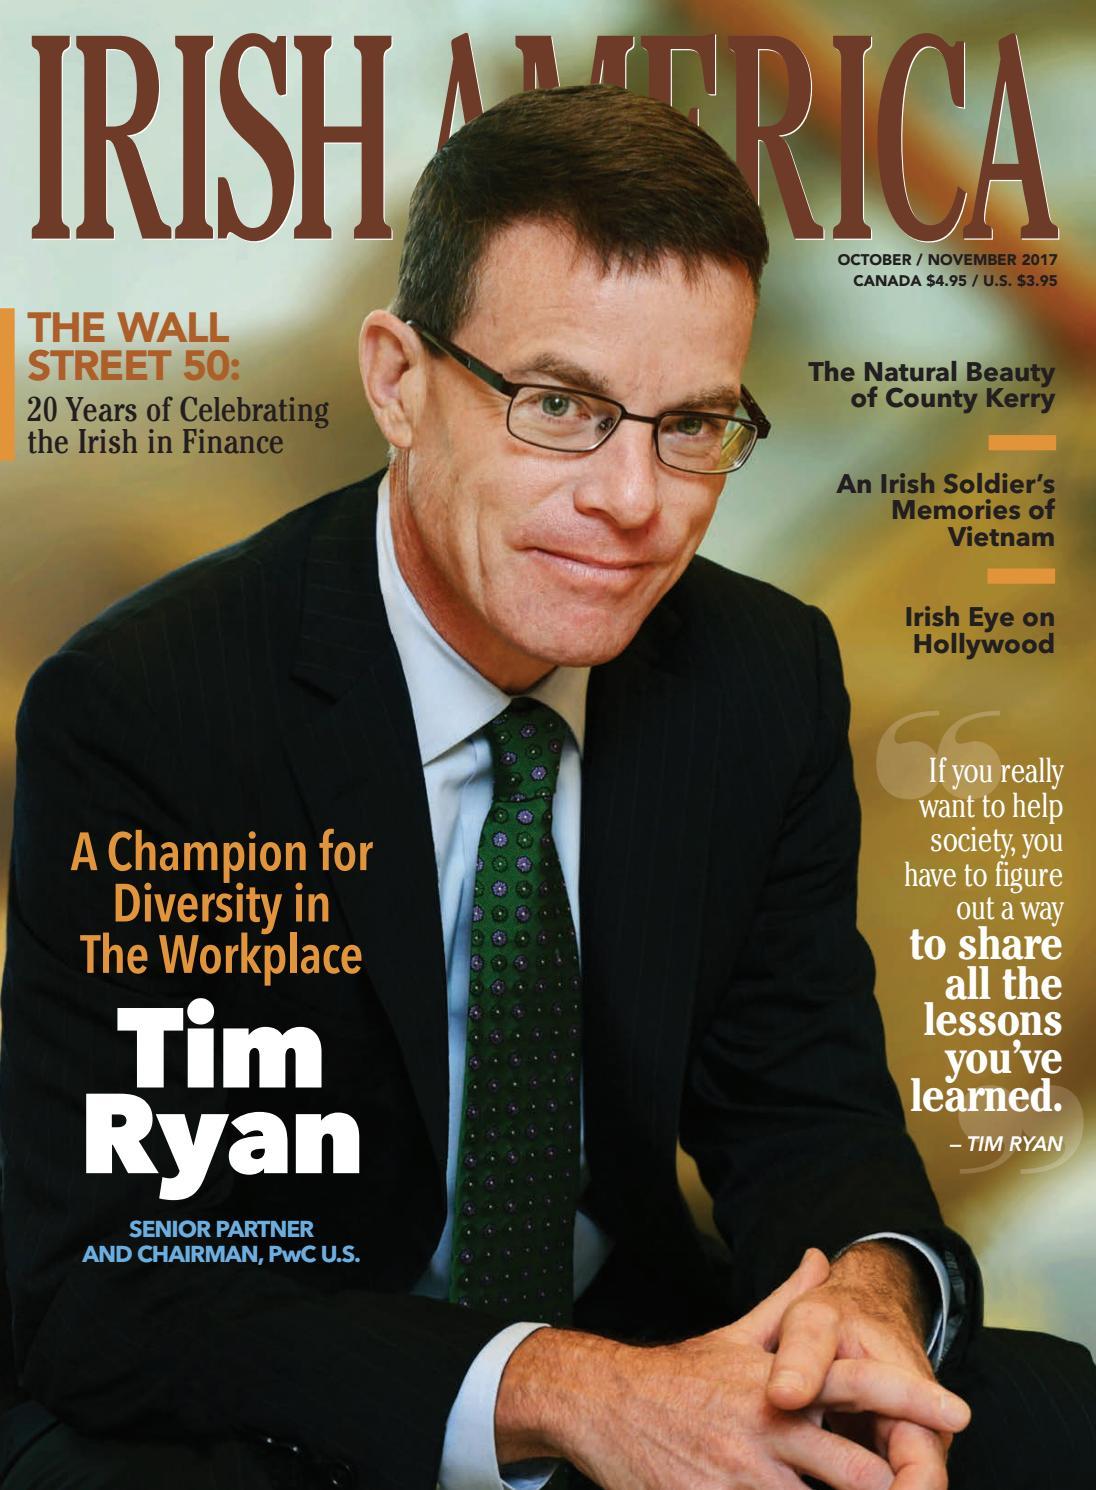 127291e162b Irish America October   November 2017 by Irish America Magazine - issuu